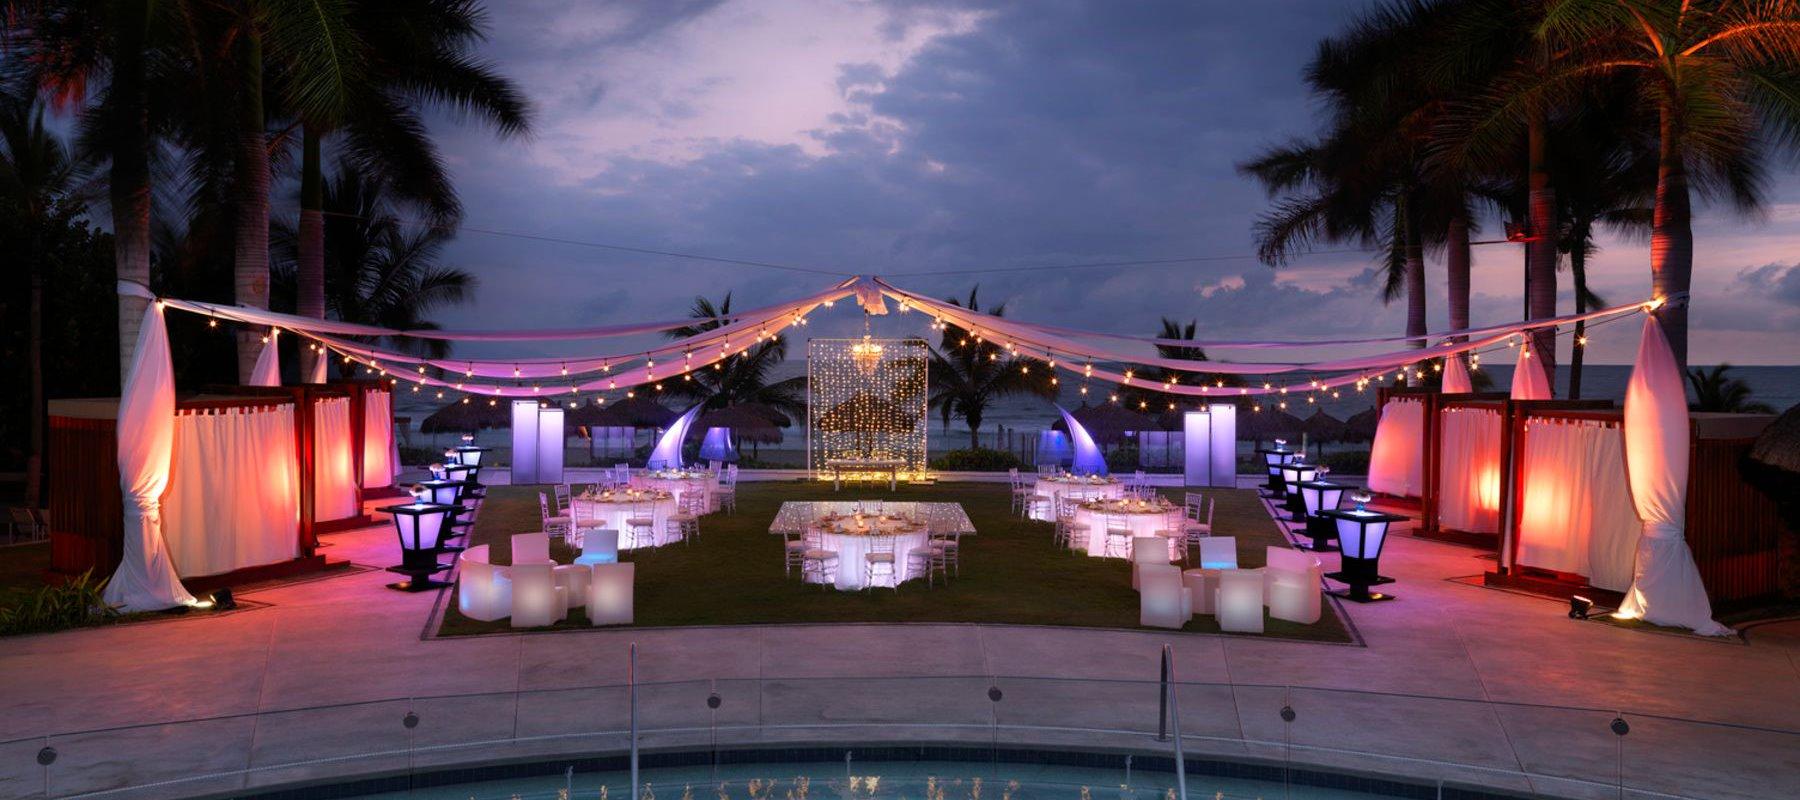 Ciao Terrace at Hard Rock Hotel Vallarta